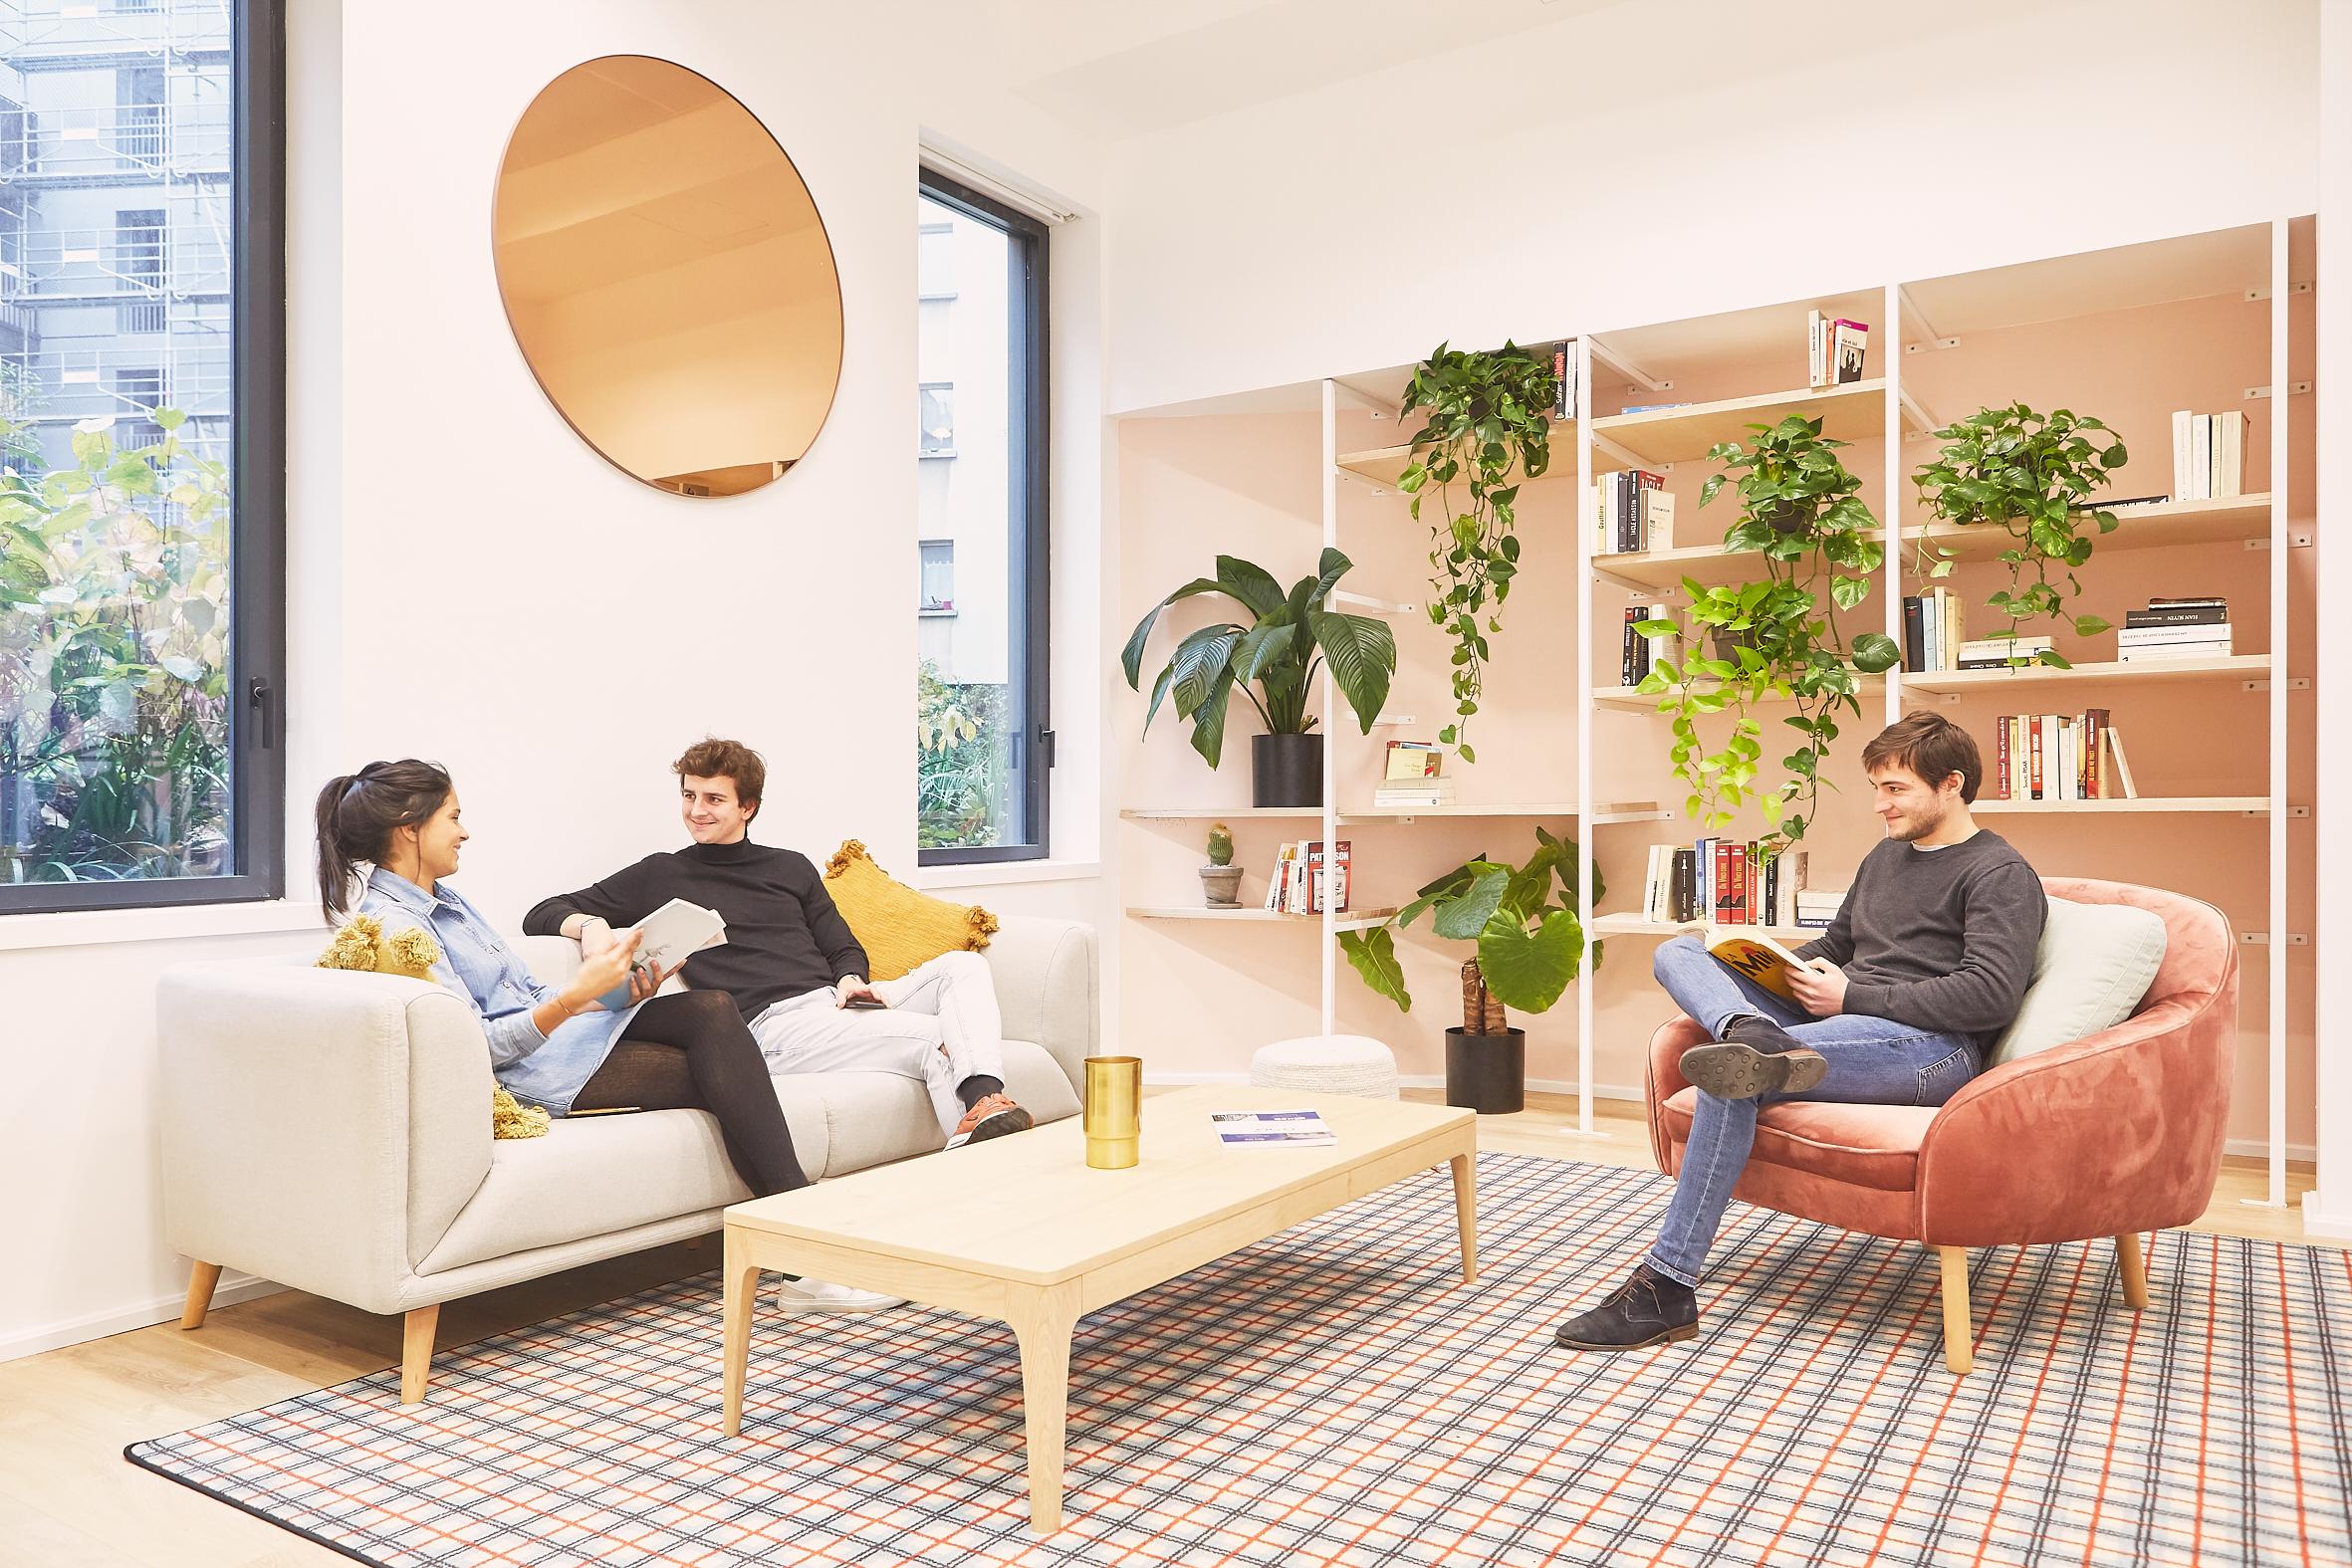 coworking clichy - un coin réunion